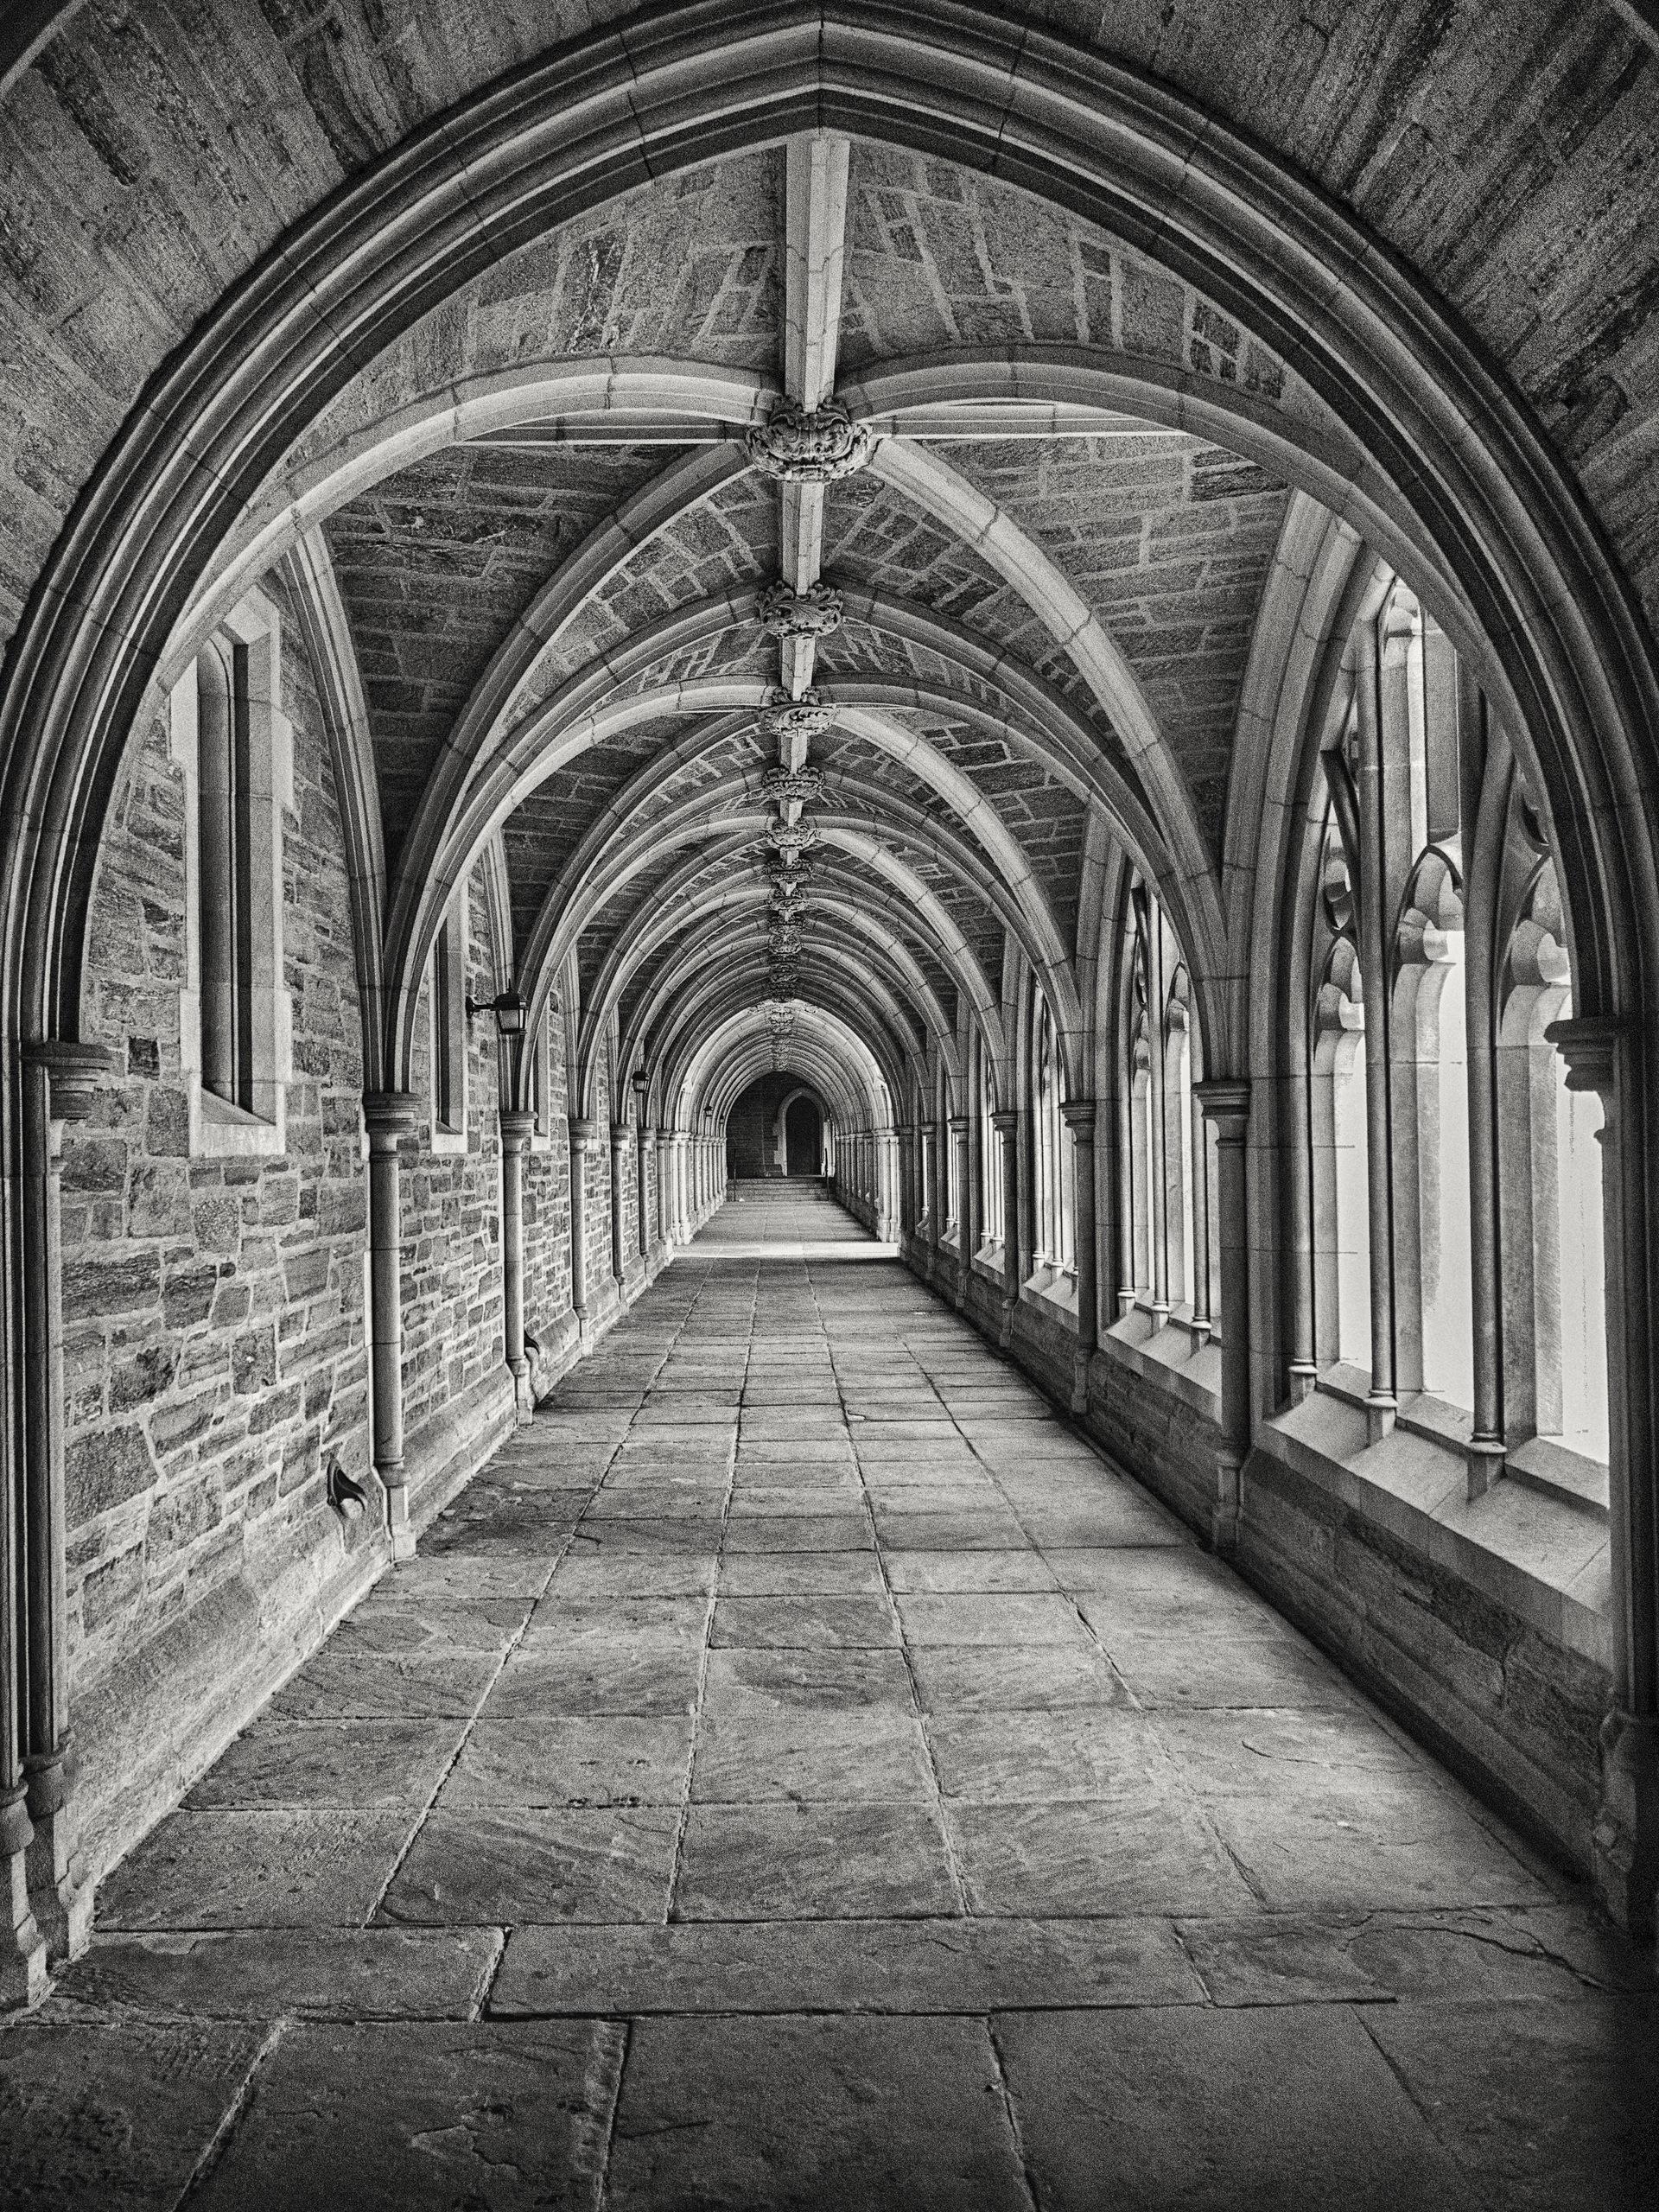 edificio, arcos, arquitectura, antiguo, en blanco y negro - Fondos de Pantalla HD - professor-falken.com